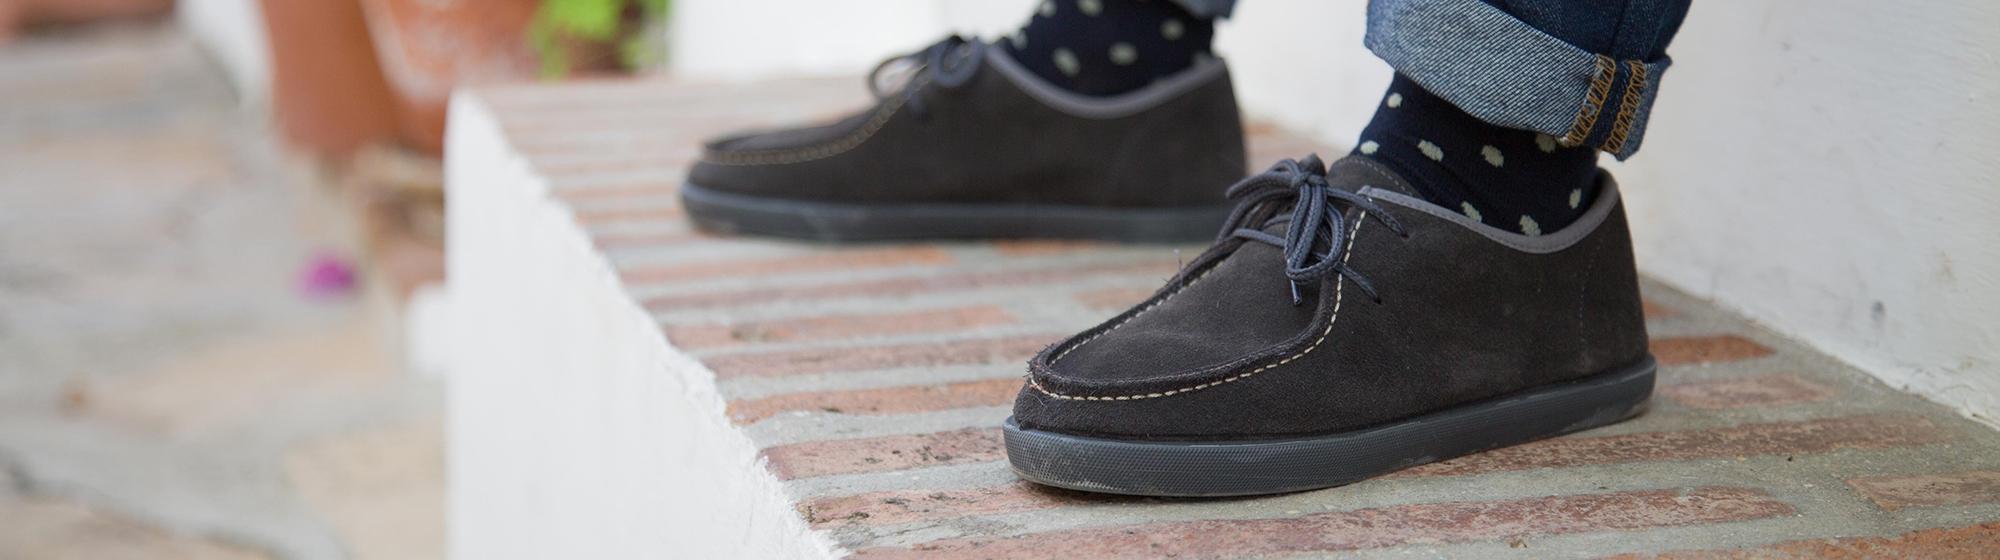 6ef7dbb020 Calzado y Zapatos para Niños